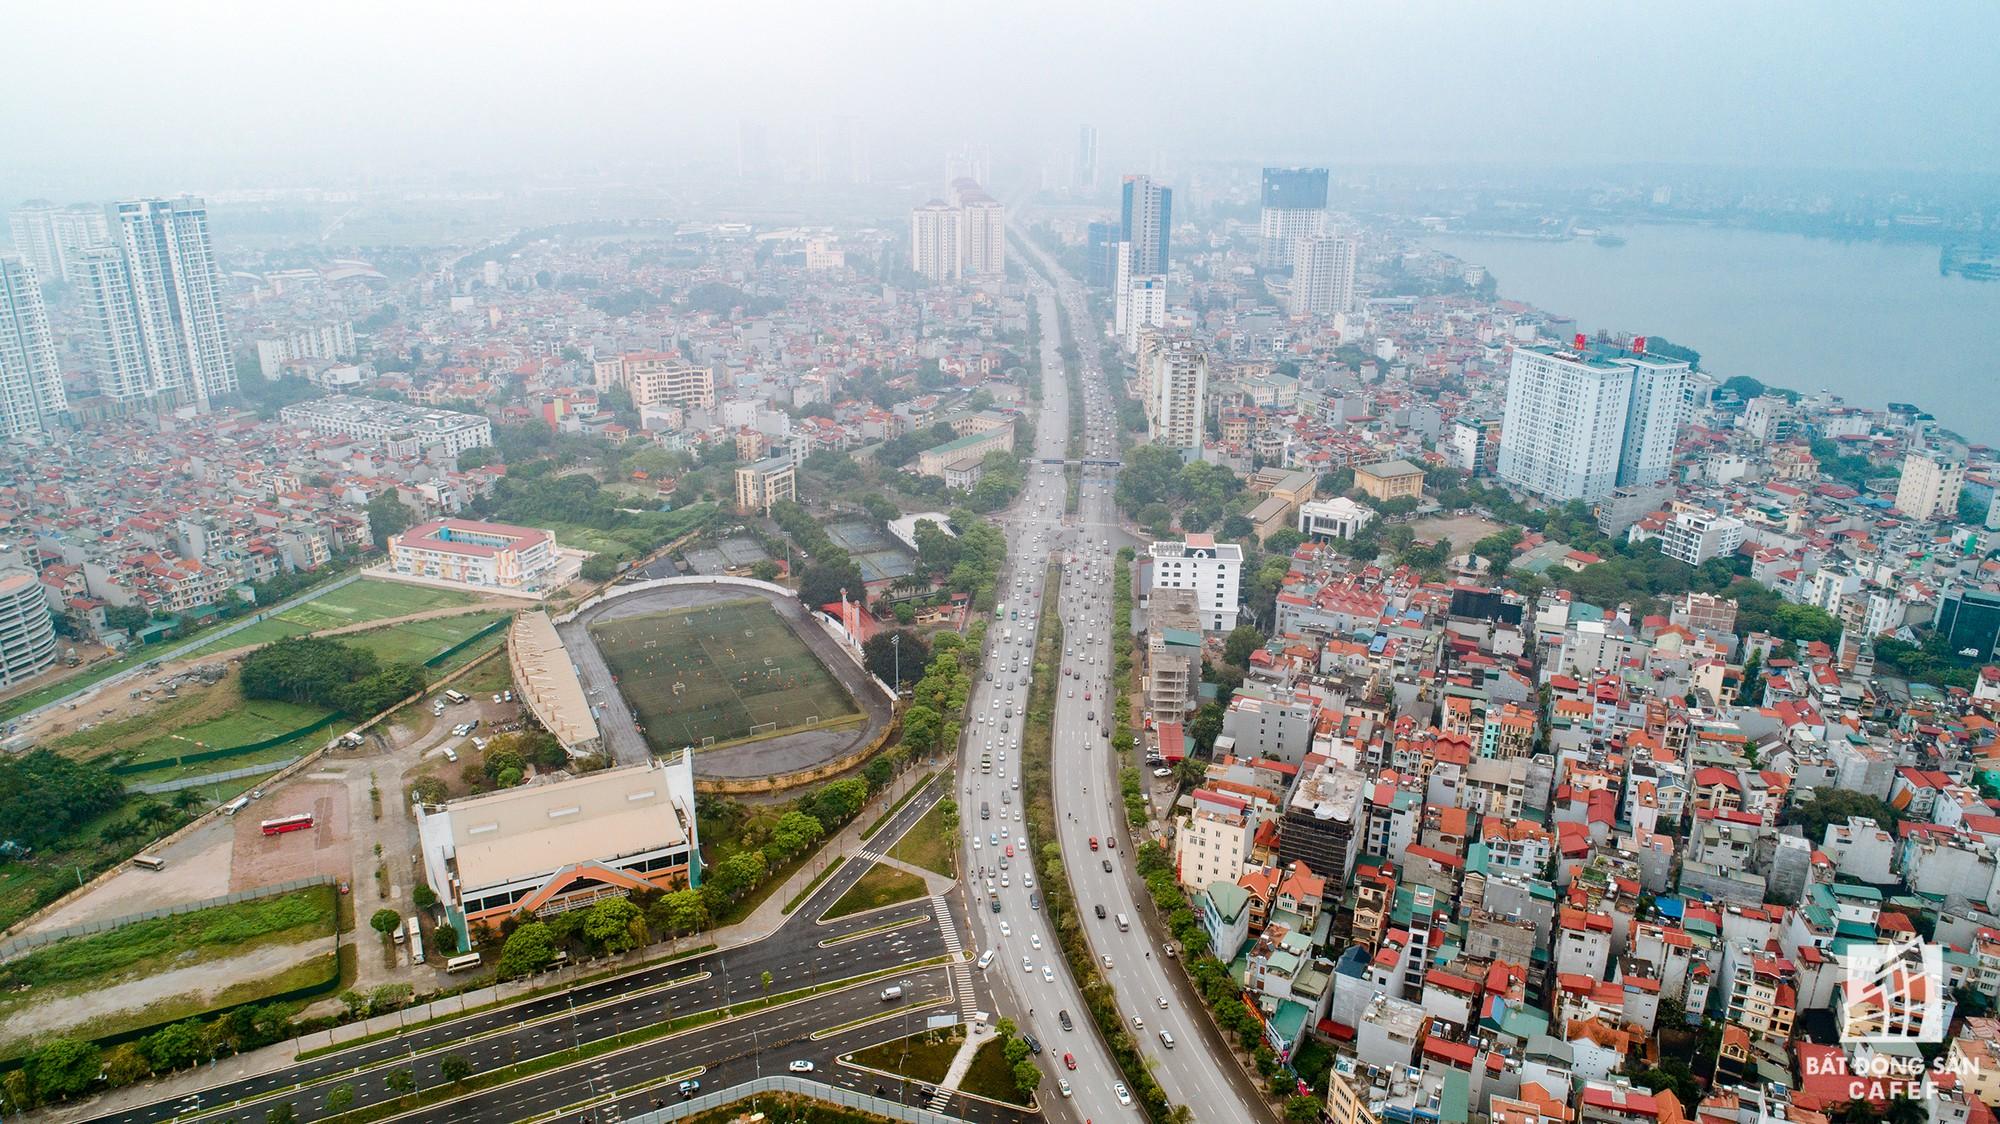 Cận cảnh hàng loạt dự án cao ốc dọc trục đường 8 làn xe tại trung tâm Hà Nội - Ảnh 6.